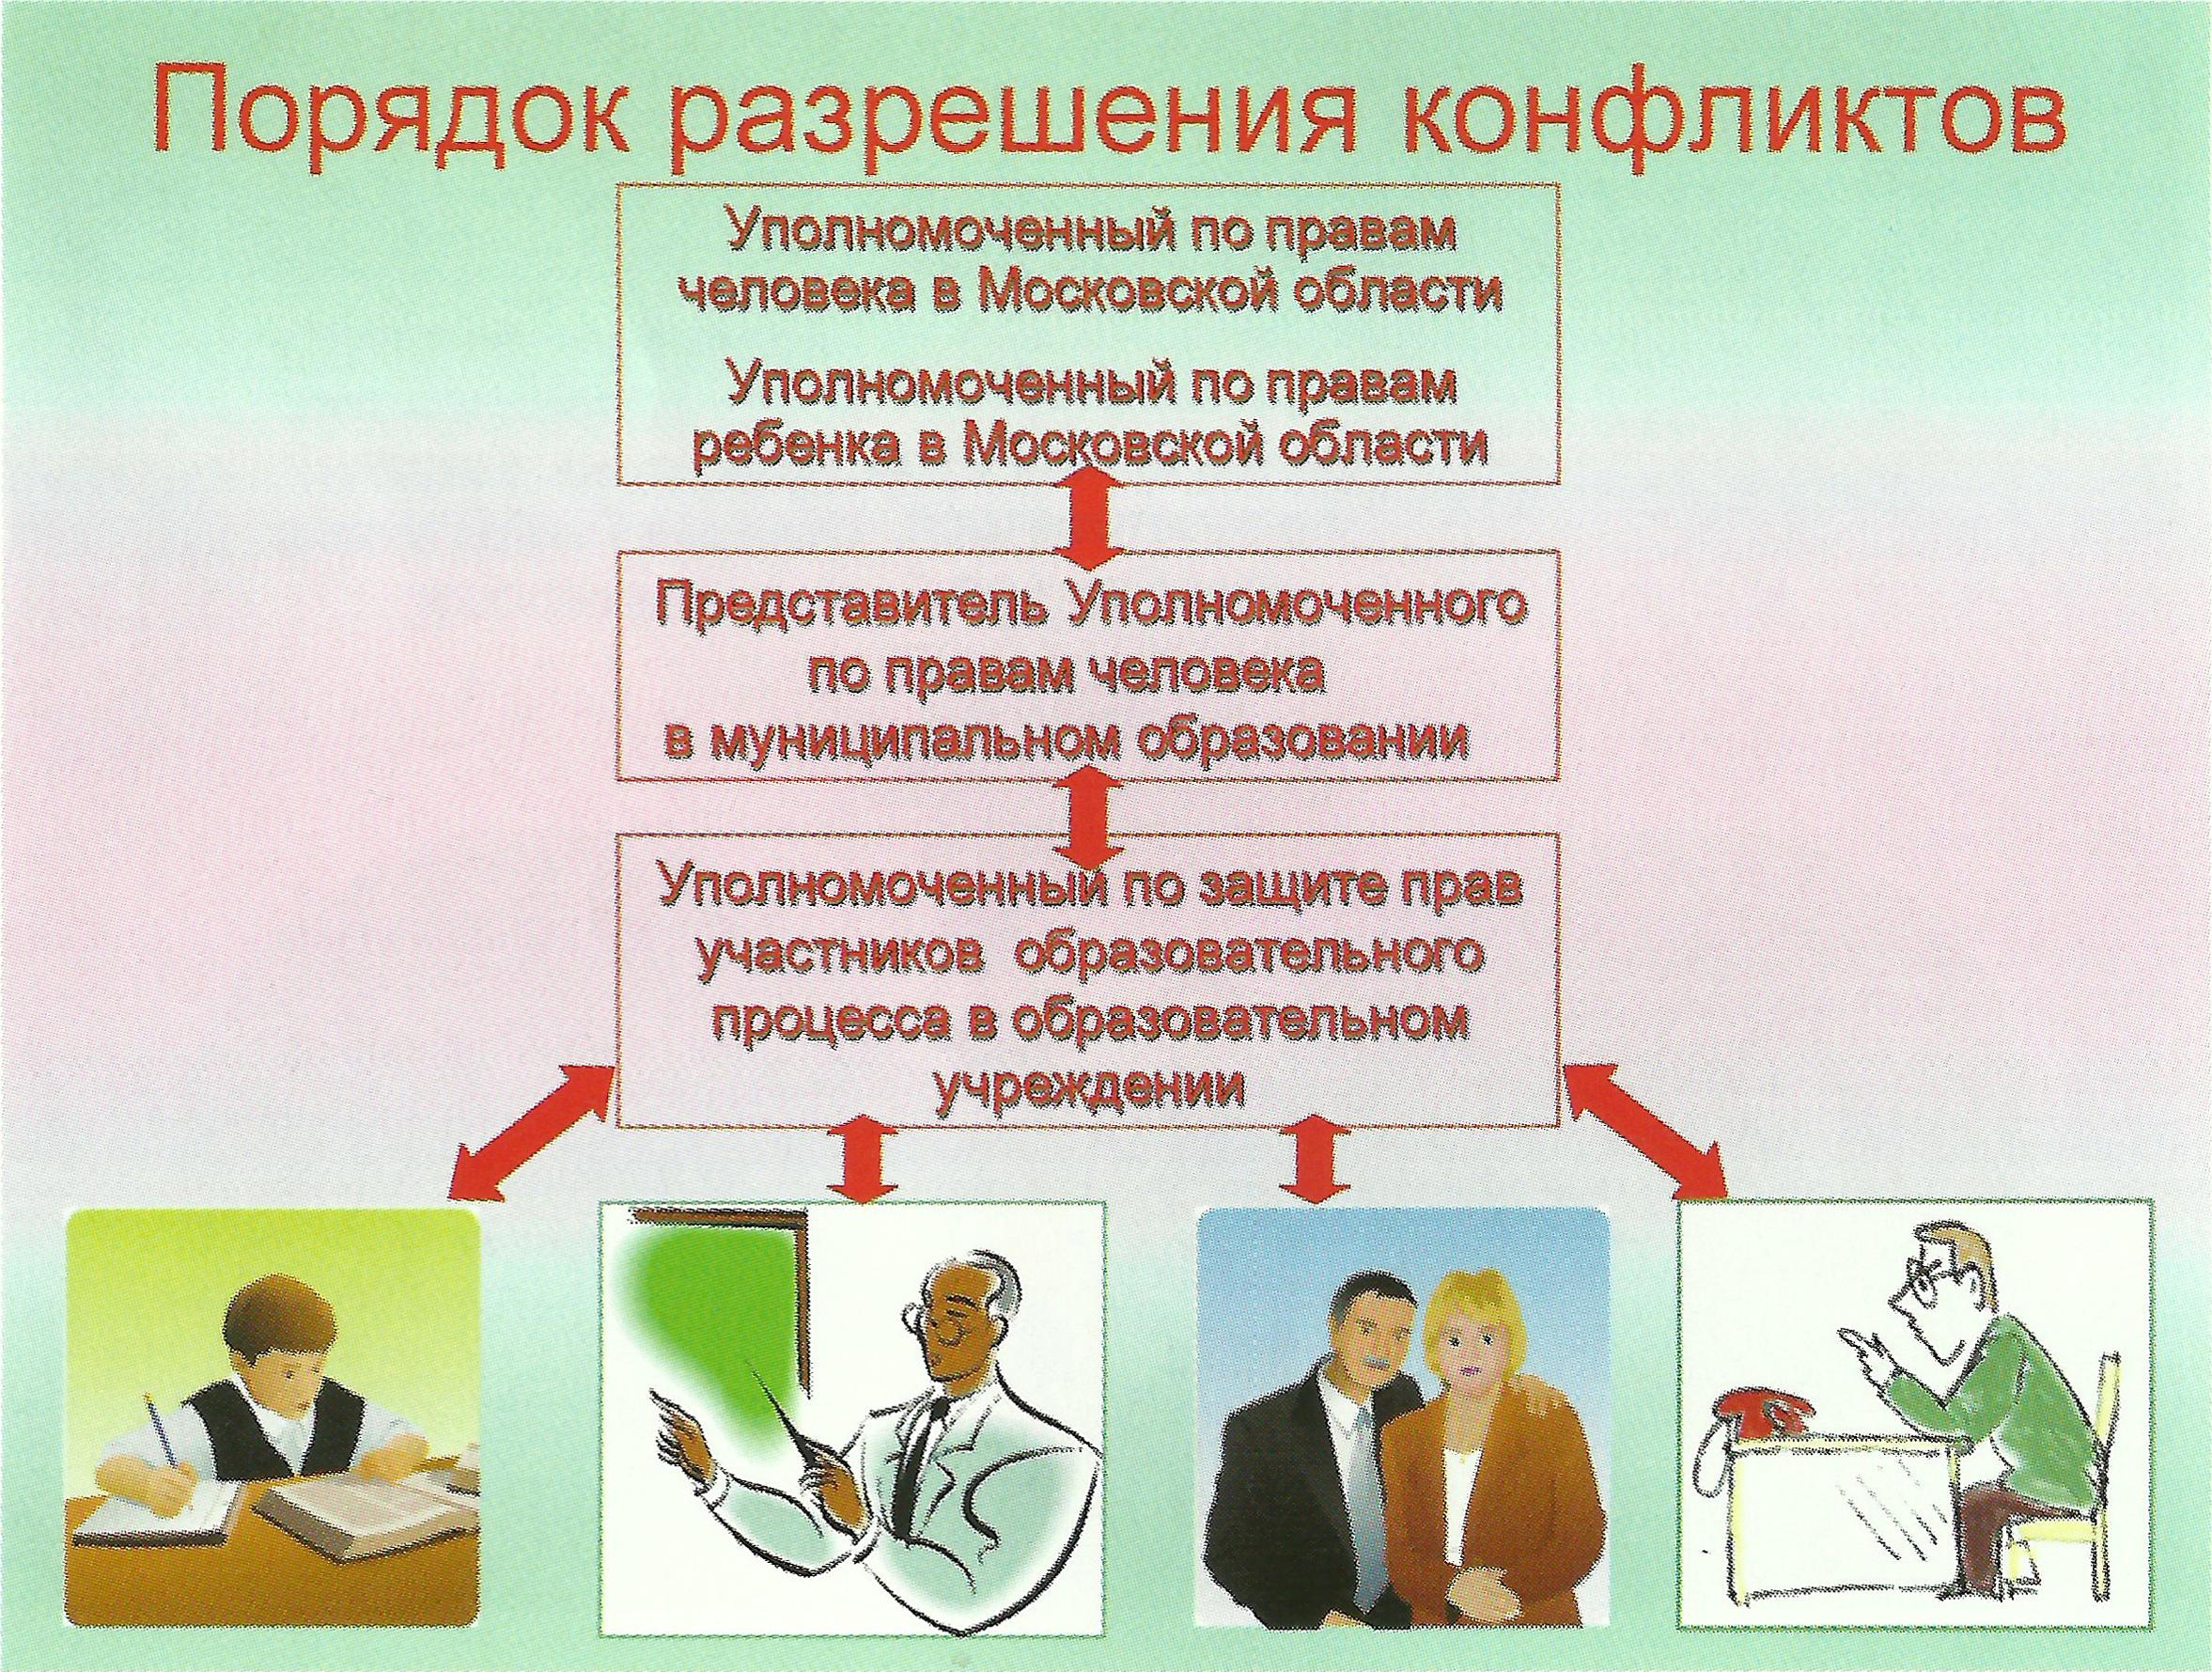 Уполномоченный по правам человека общая характеристика правового статуса